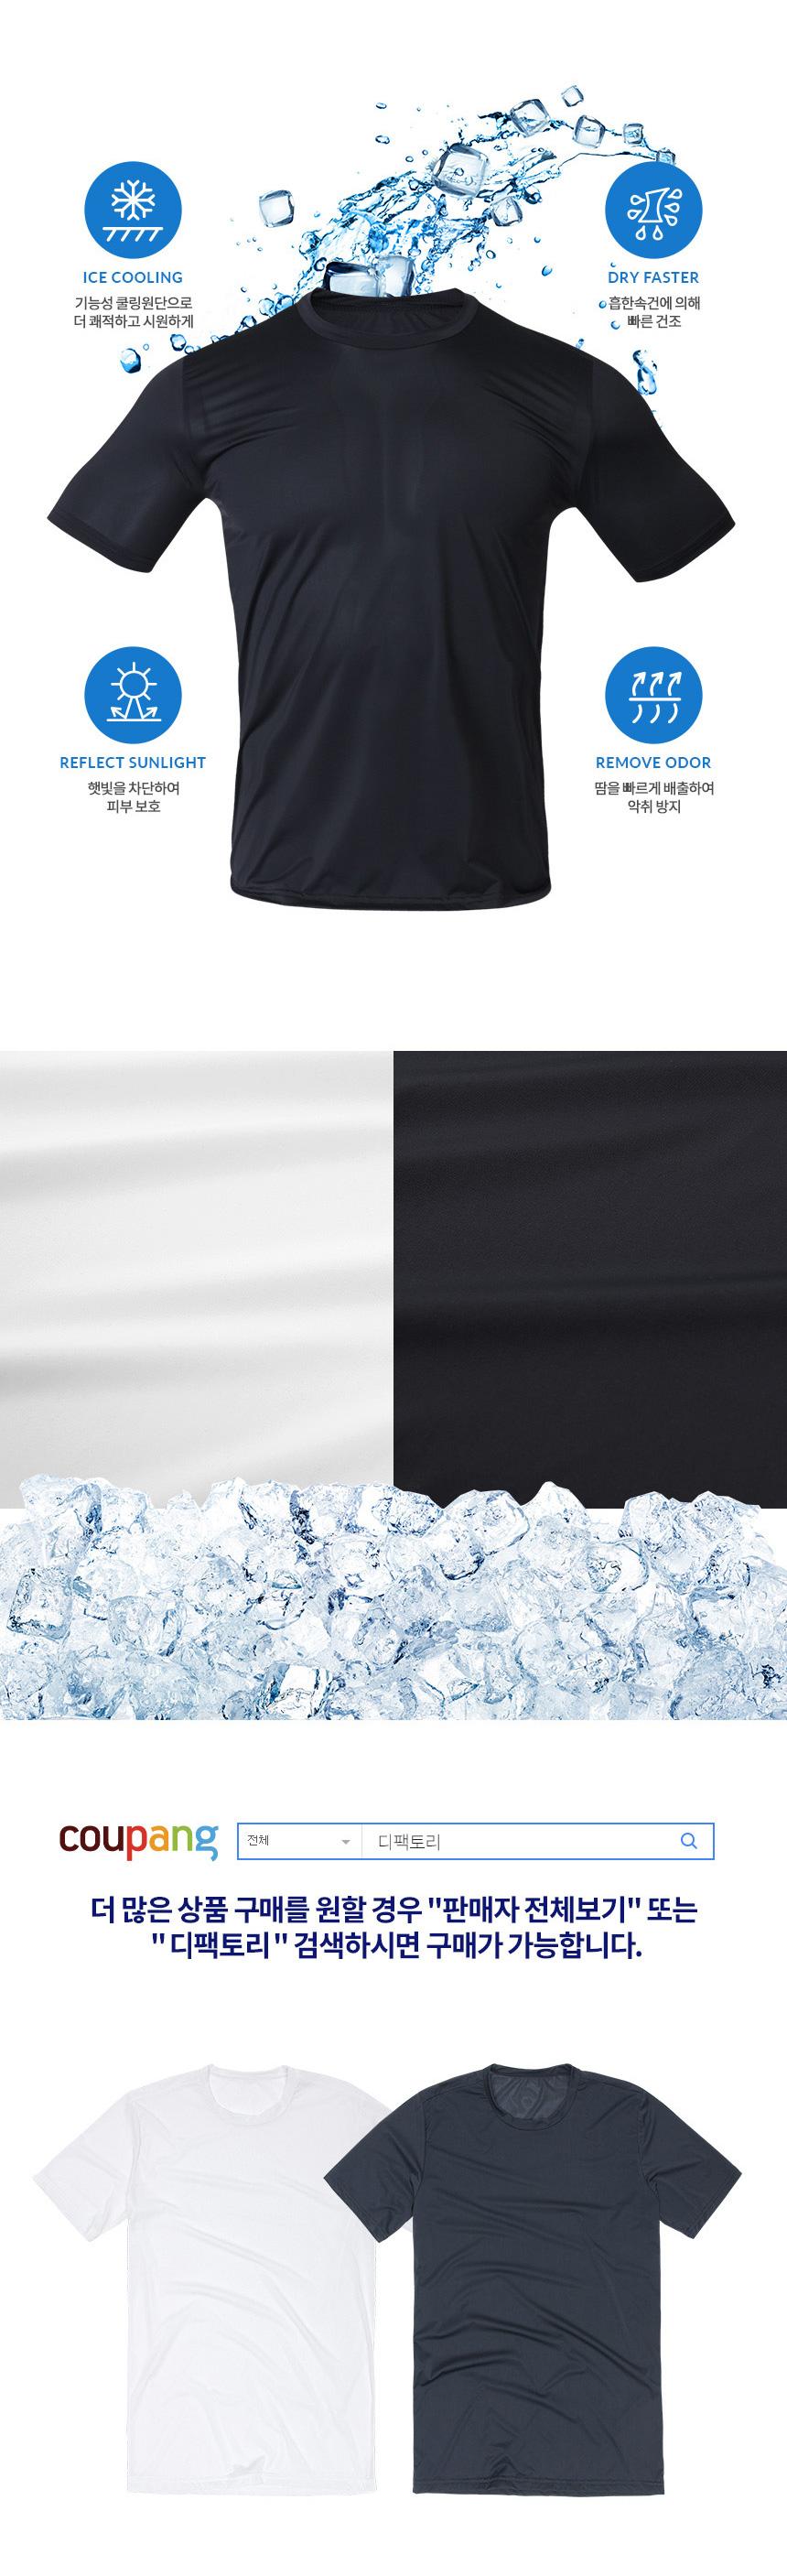 디팩토리 남성 냉감 반팔 쿨티셔츠 DFTM507 - 베루스, 12,900원, 상의, 반팔티셔츠